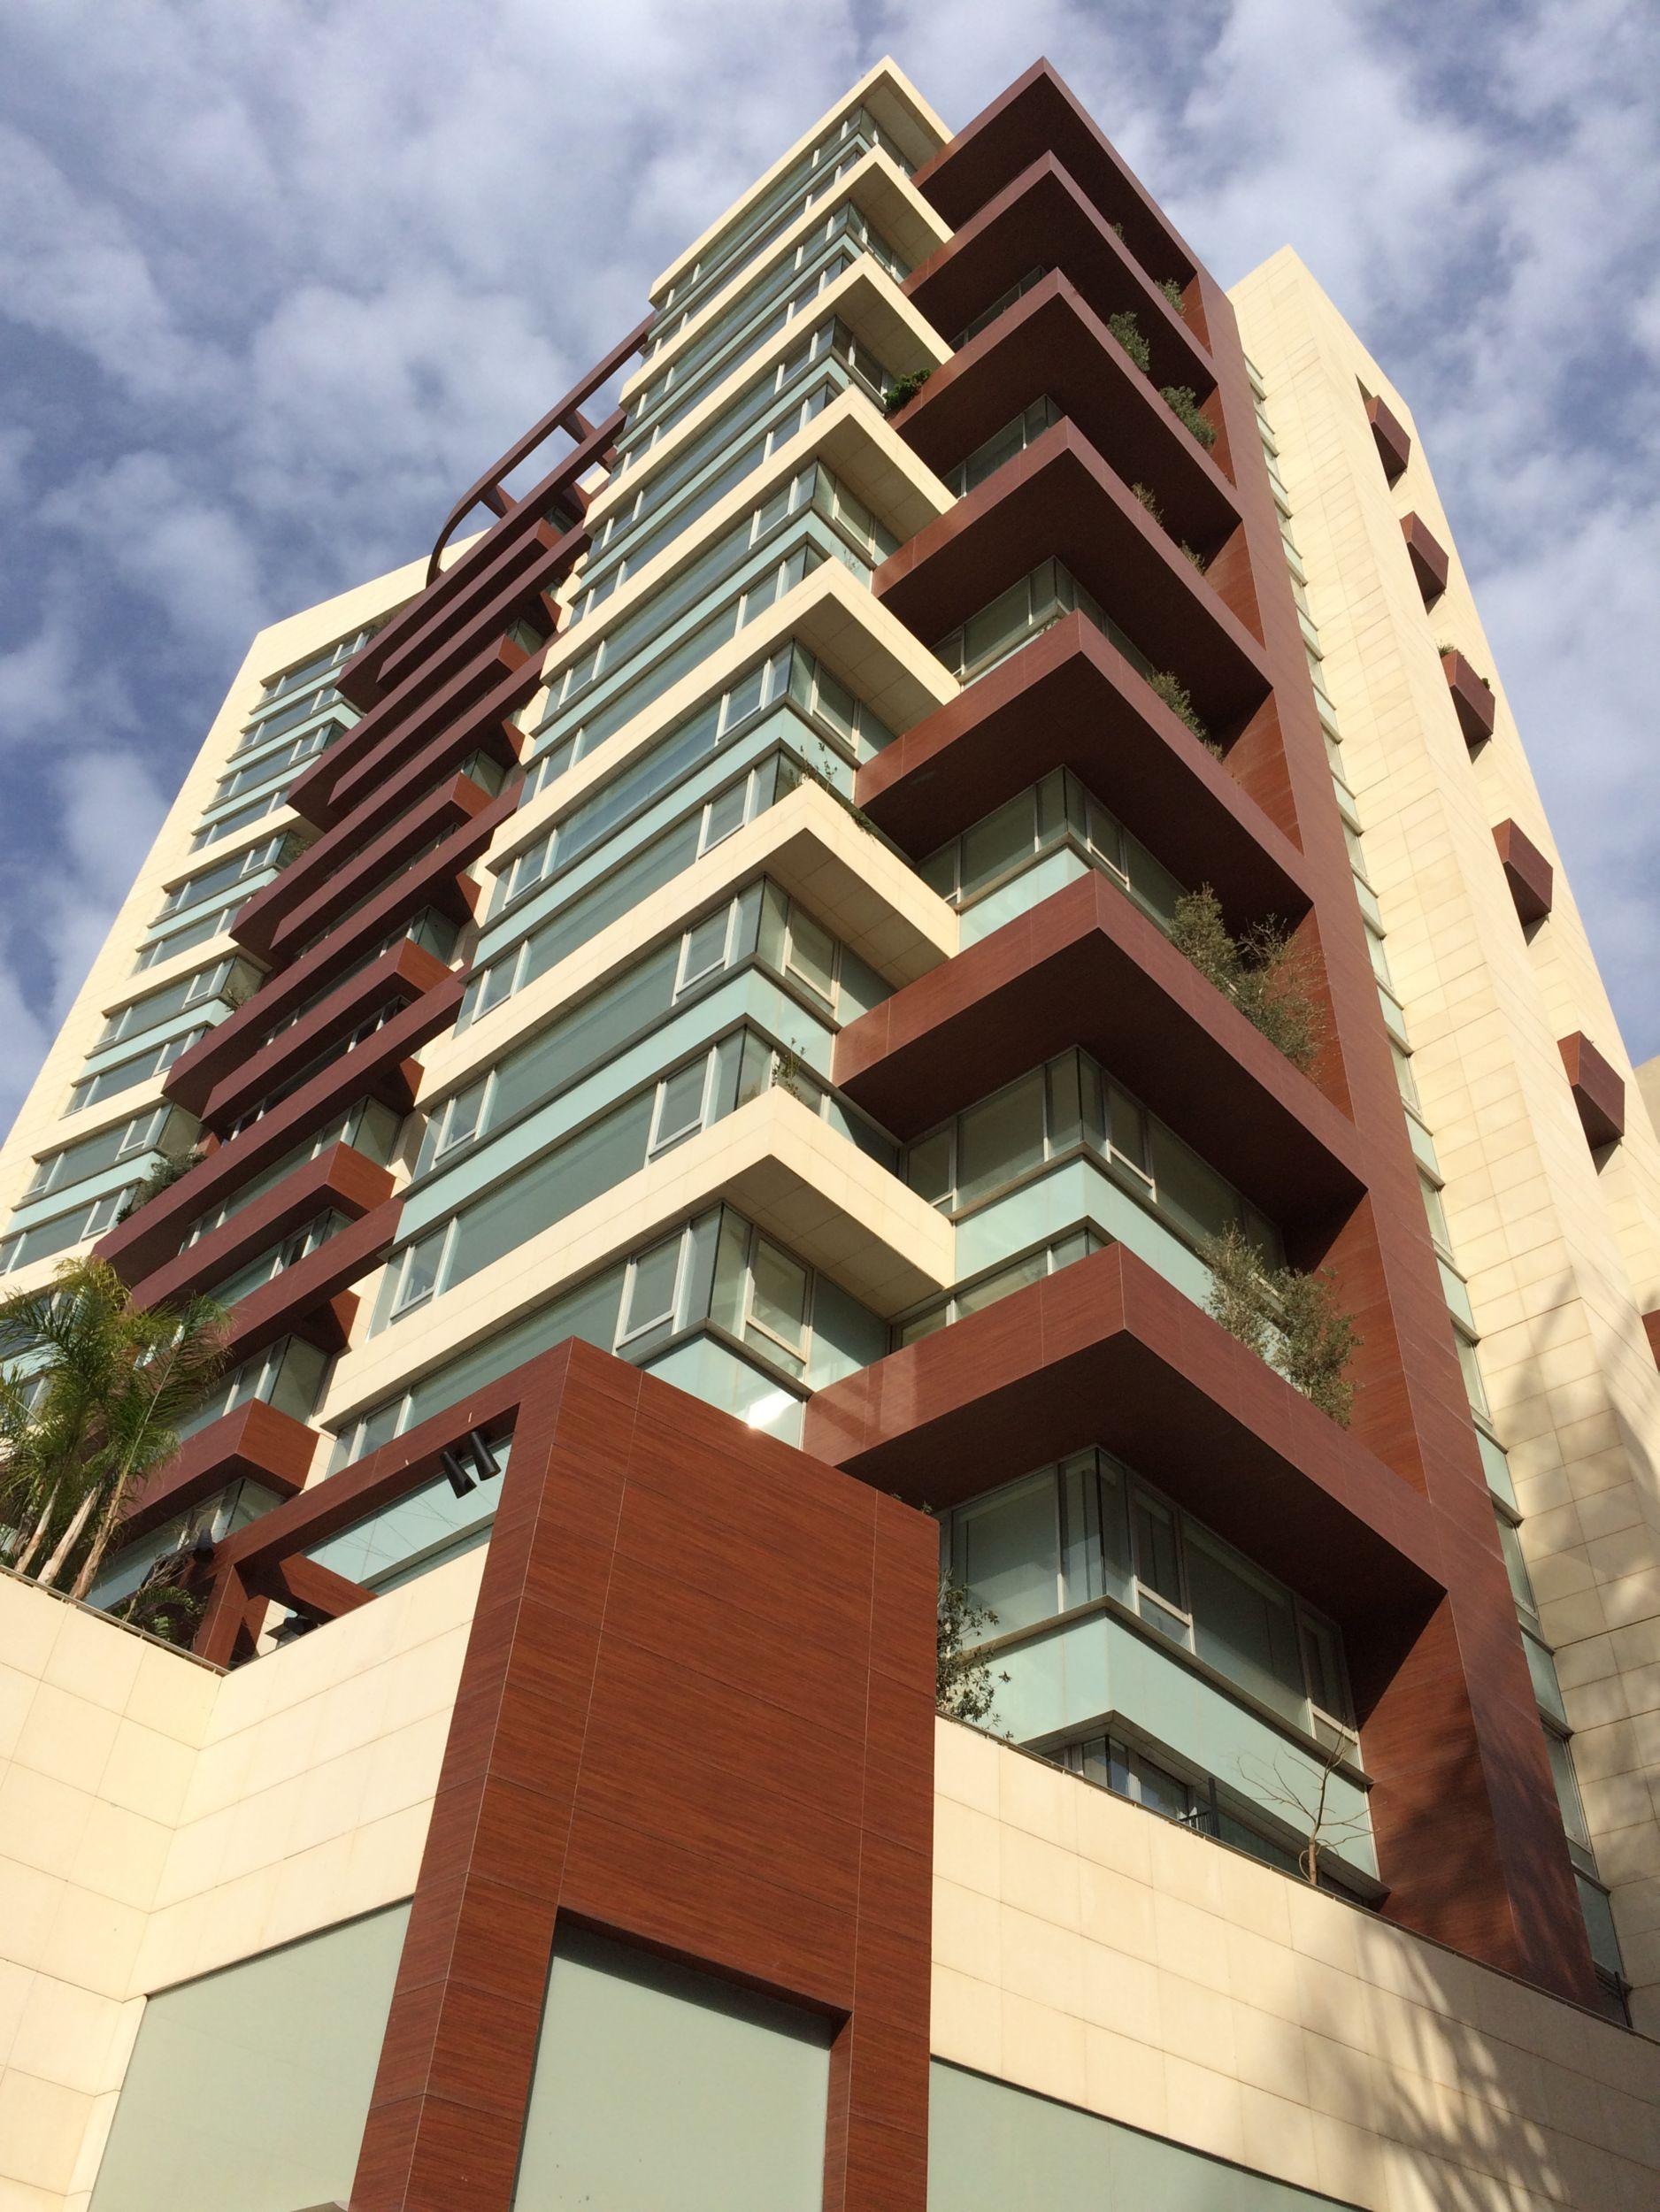 Verdun Heights Residential Development, Beirut